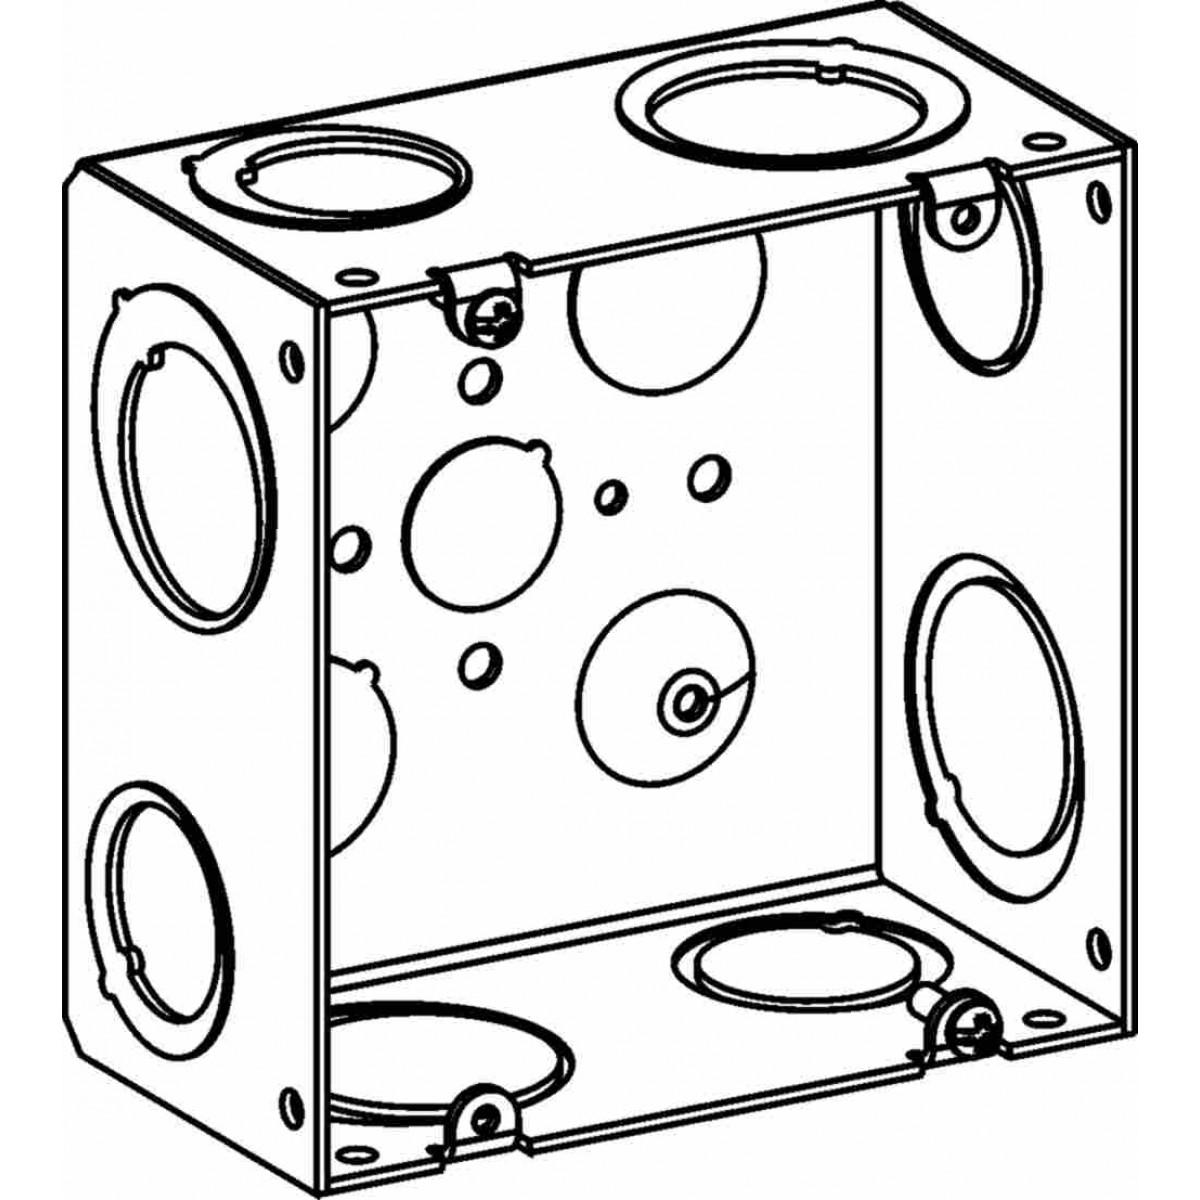 5slb-2mko - 4-11  16 u201d  5s  boxes